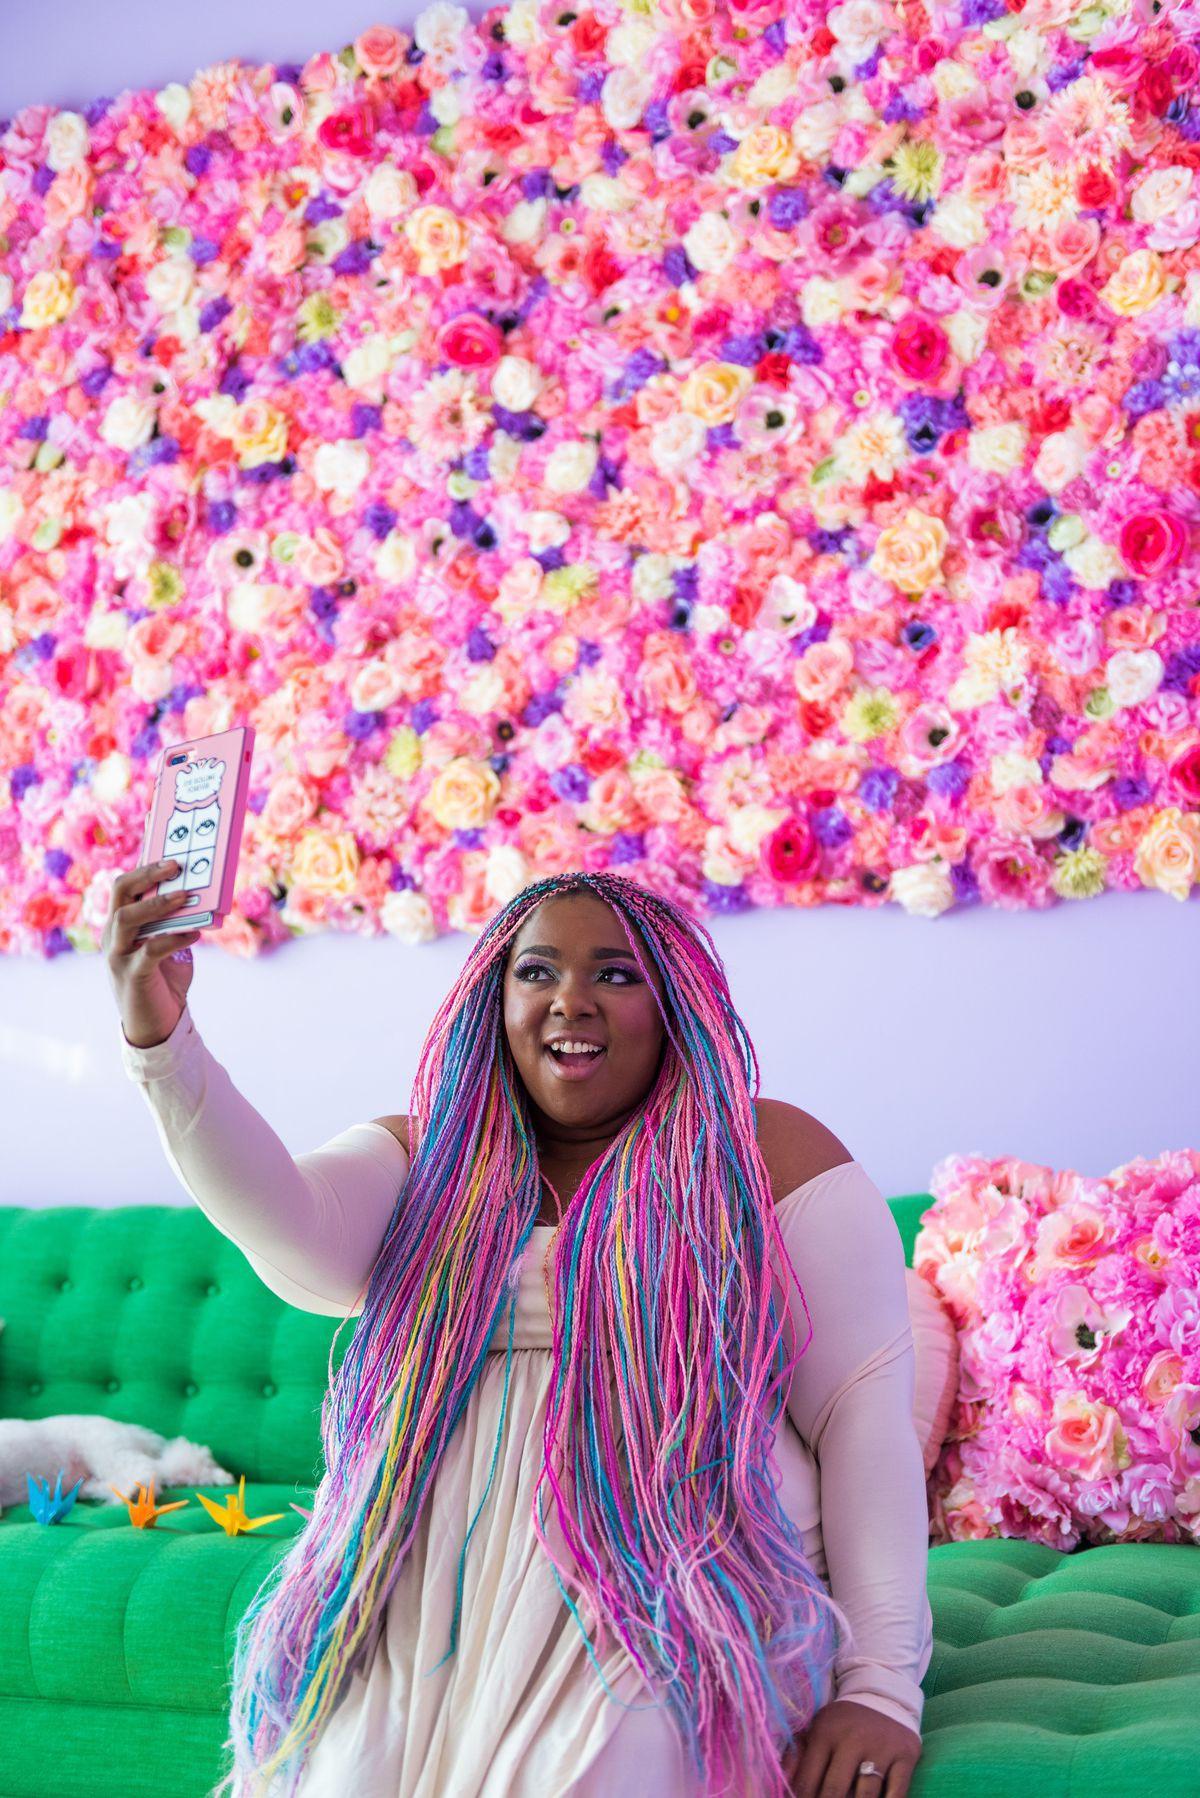 Lấy cầu vồng làm ý tưởng trang trí nhà, căn hộ nhỏ 35m² của cô gái trẻ đang gây sốt trên Instagram - Ảnh 3.